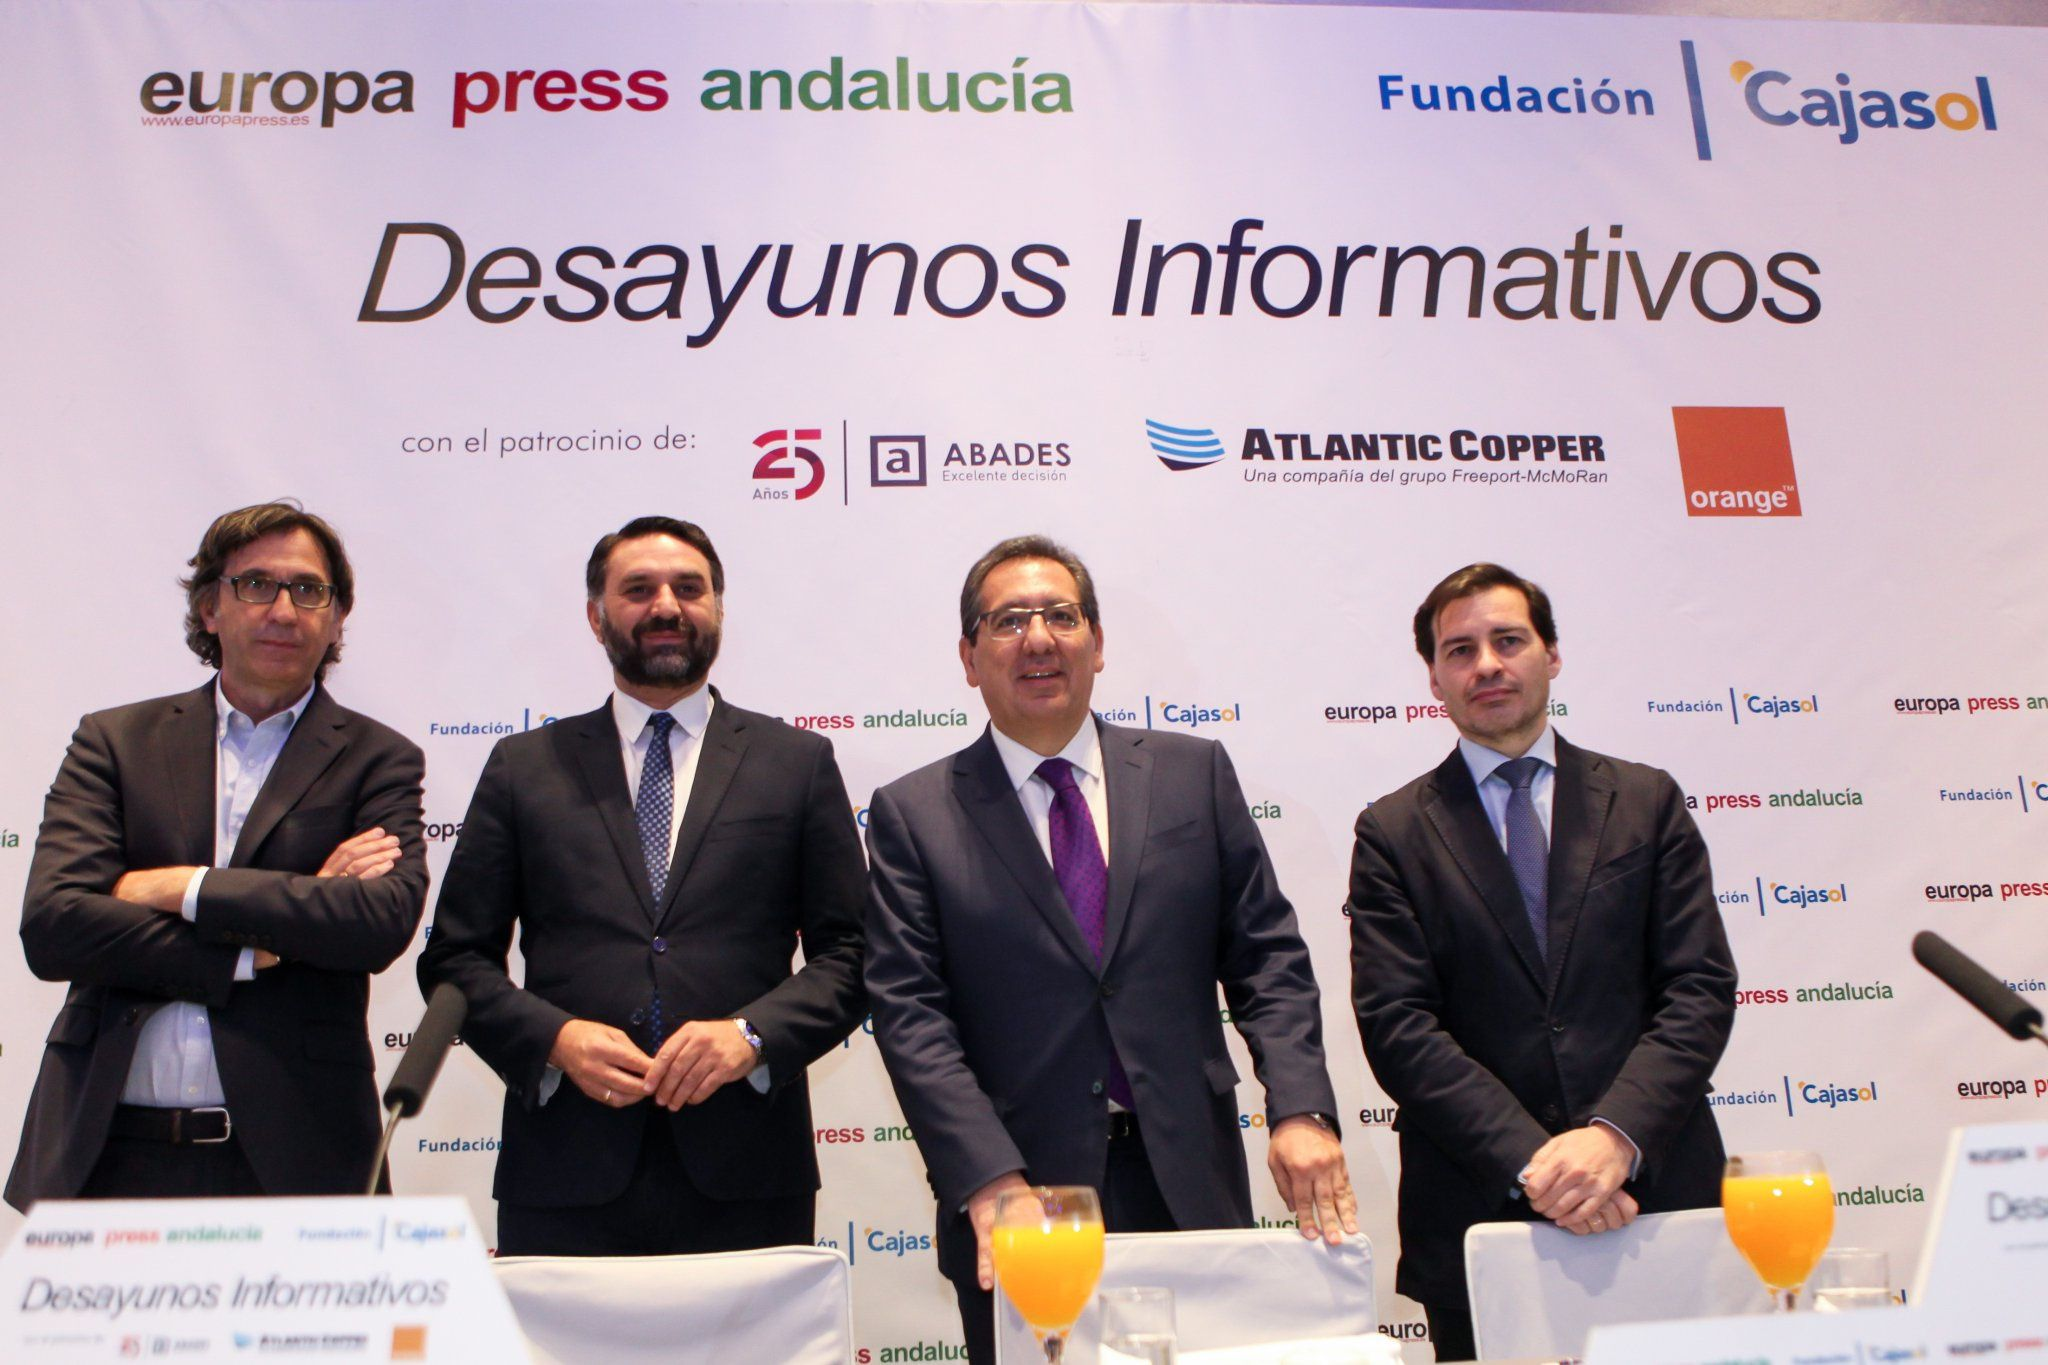 Antonio Pulido en los Desayunos Informativos de Europa Press Andalucía con el Consejero de Turismo y Deporte de la Junta de Andalucía, Francisco Javier Fernández